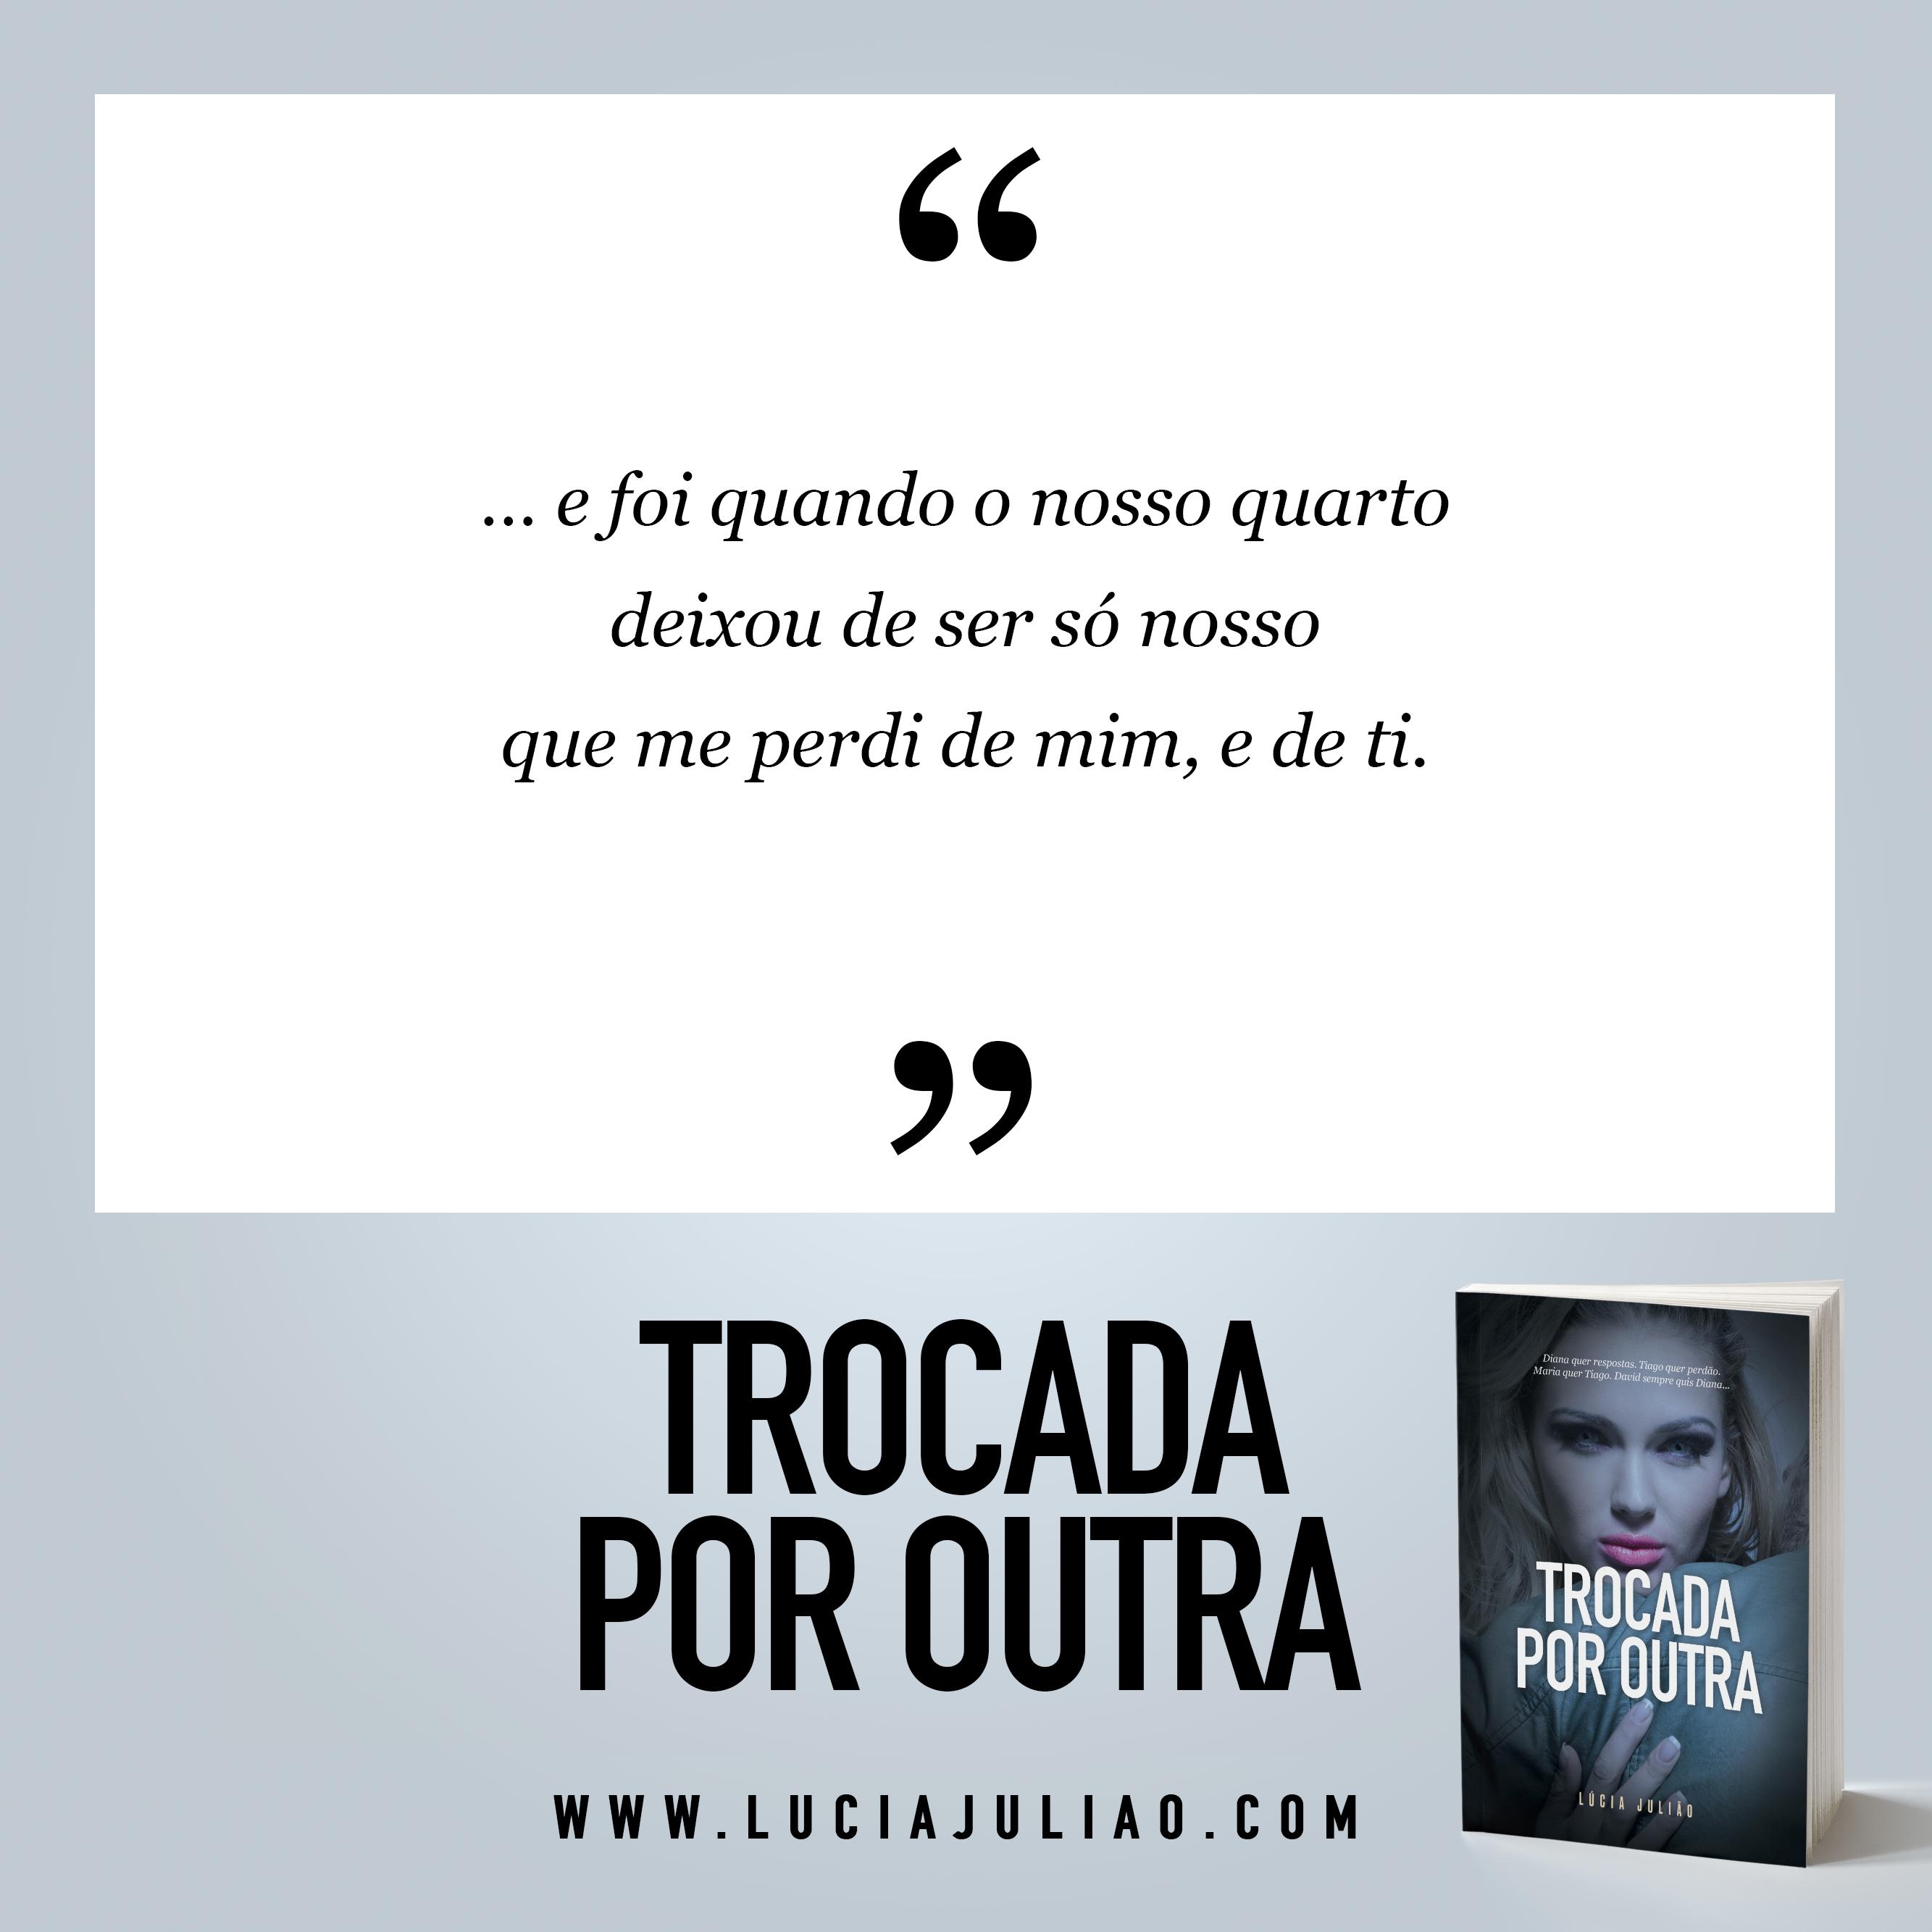 013Q - capítulo 3 - Trocada por outra - Lúcia Julião